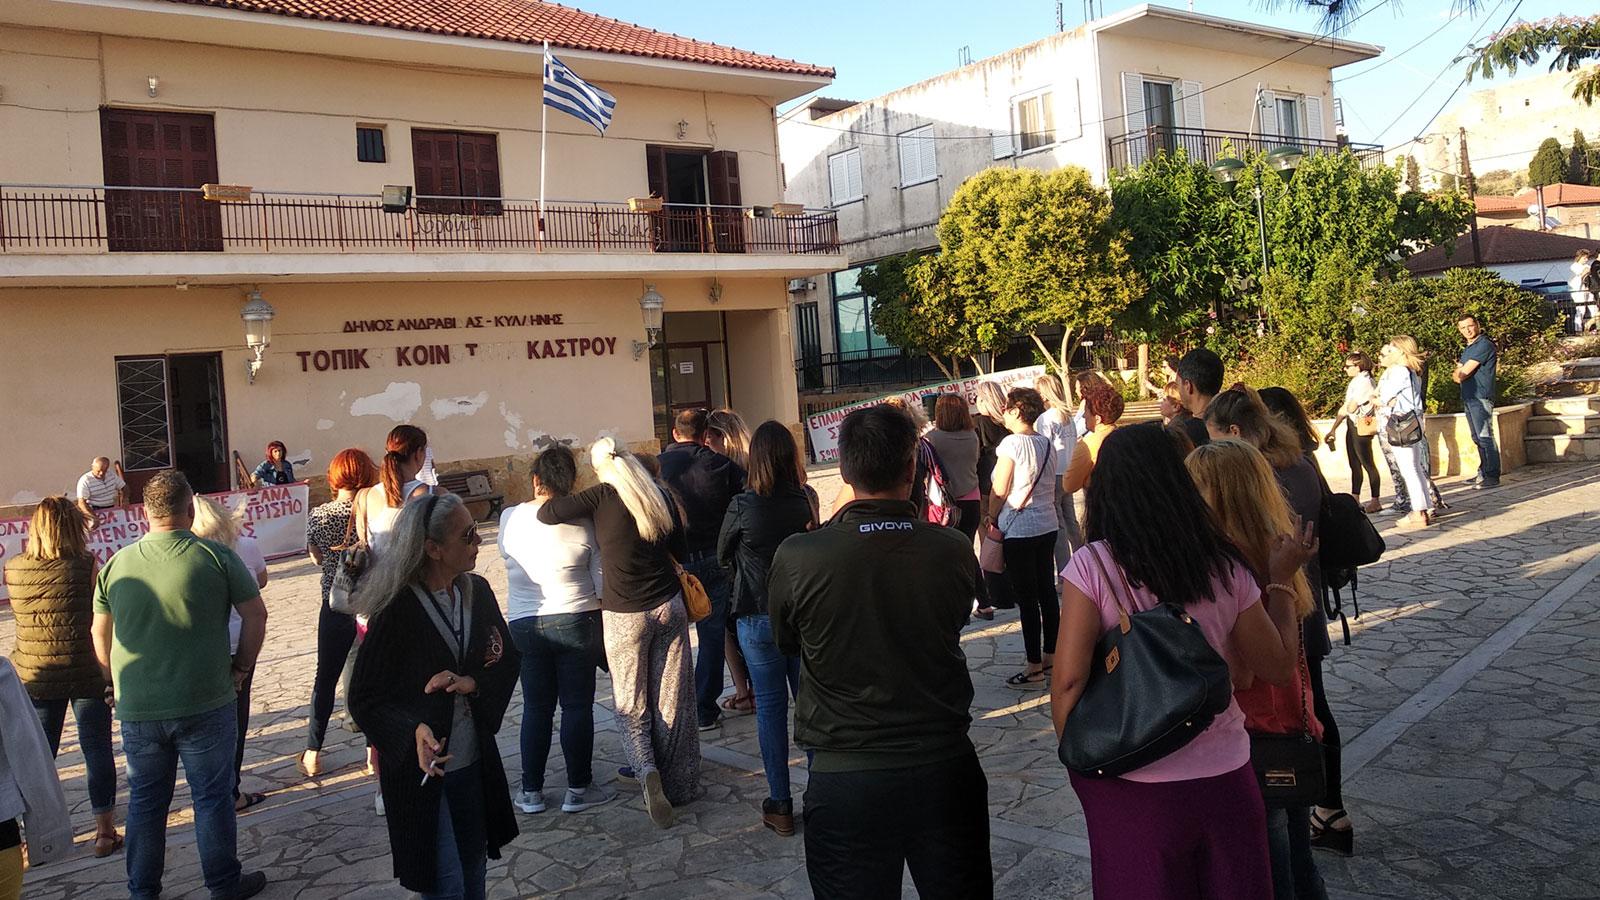 Ηλεία: Κινητοποίηση του Σωματείου Εργαζομένων στις Τουριστικές Επιχειρήσεις Κάστρου και Περιφέρειας (photos)